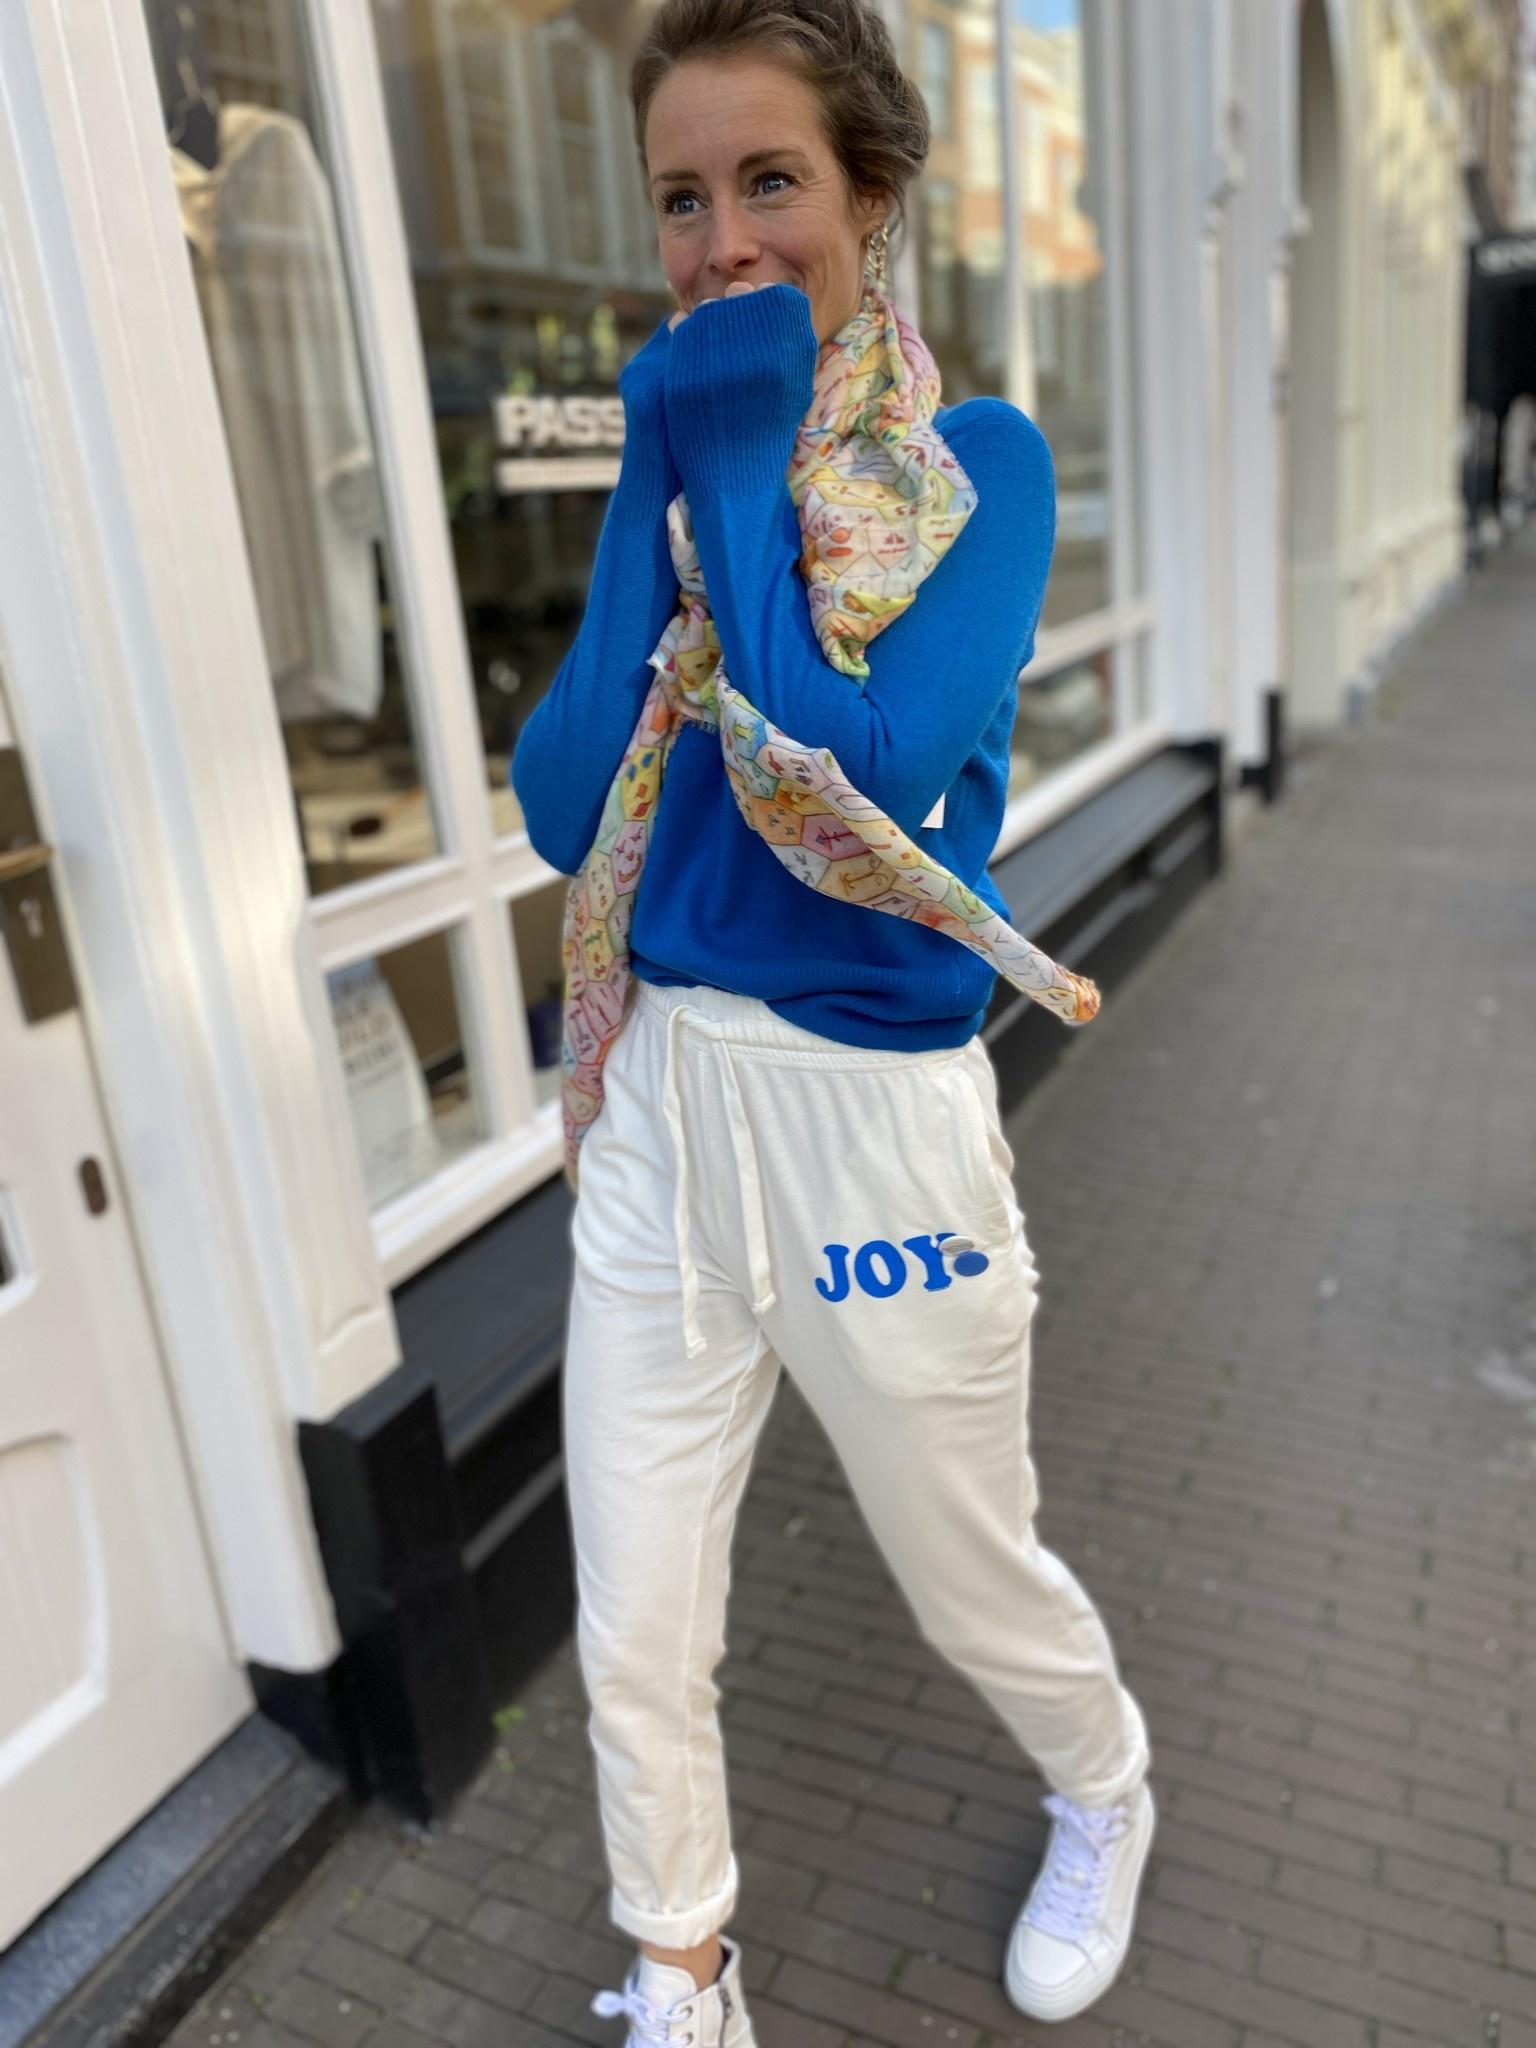 Jogger Joy-3